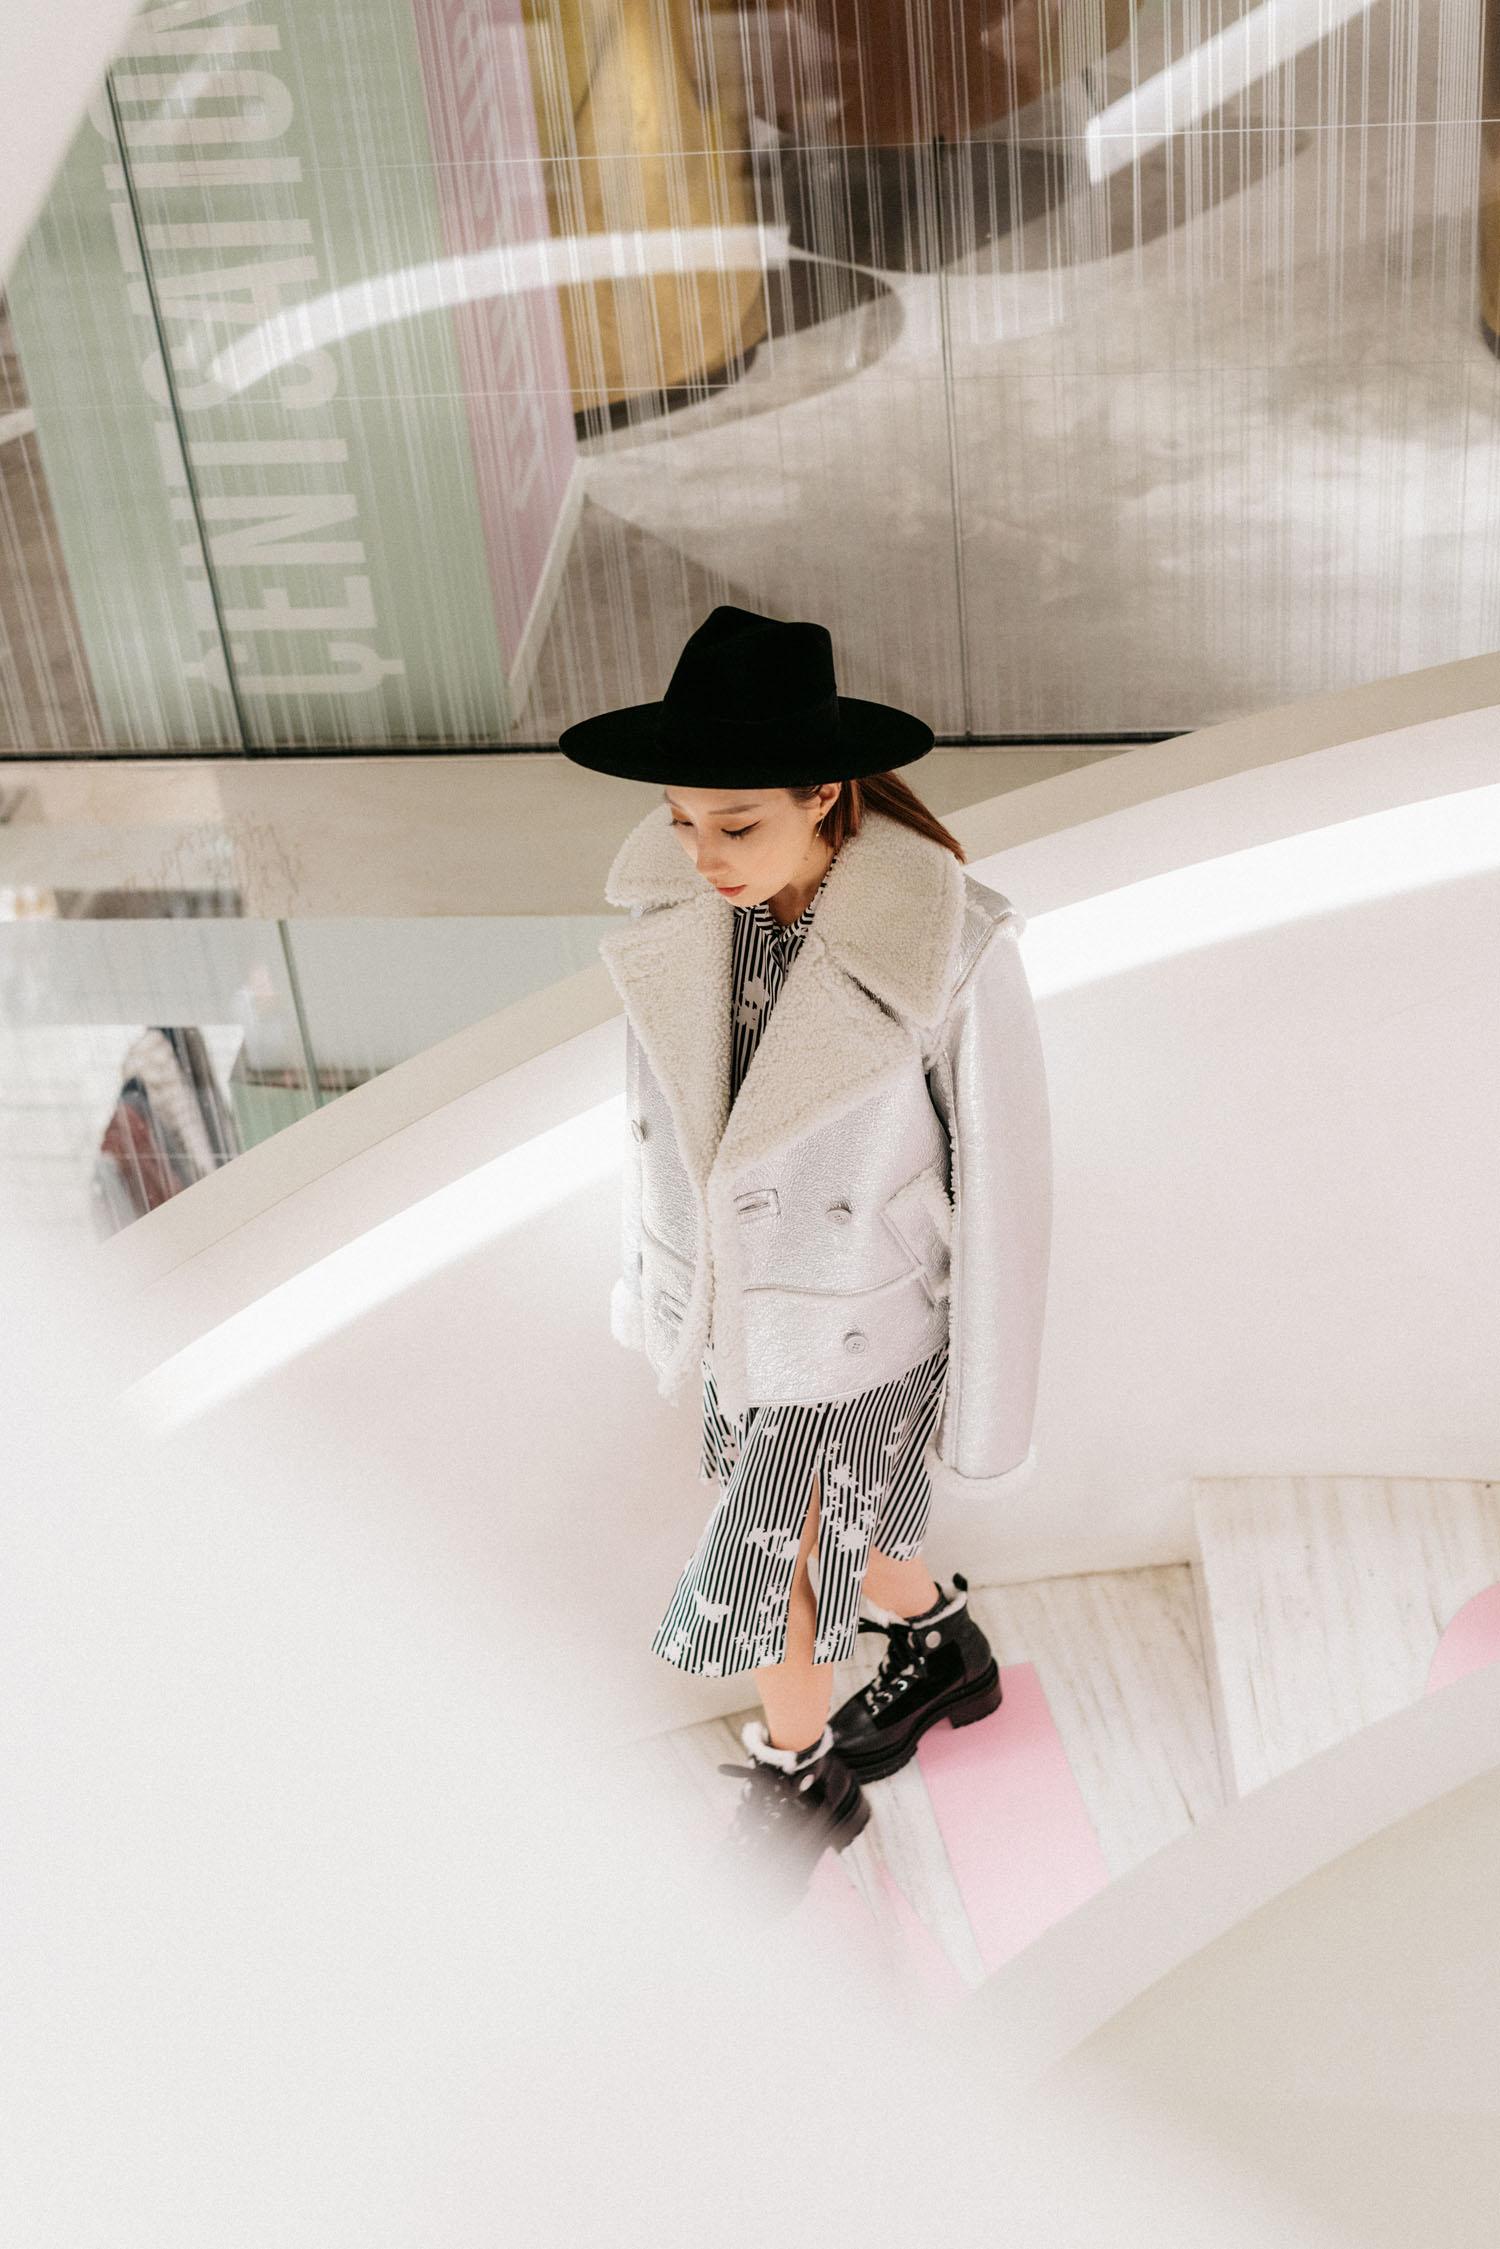 Barneys New York Downtown wearing  Sies Marjan Coat , Altuzarra Dress,  Pierre Hardy Boots ,  Janessa Leone Hat